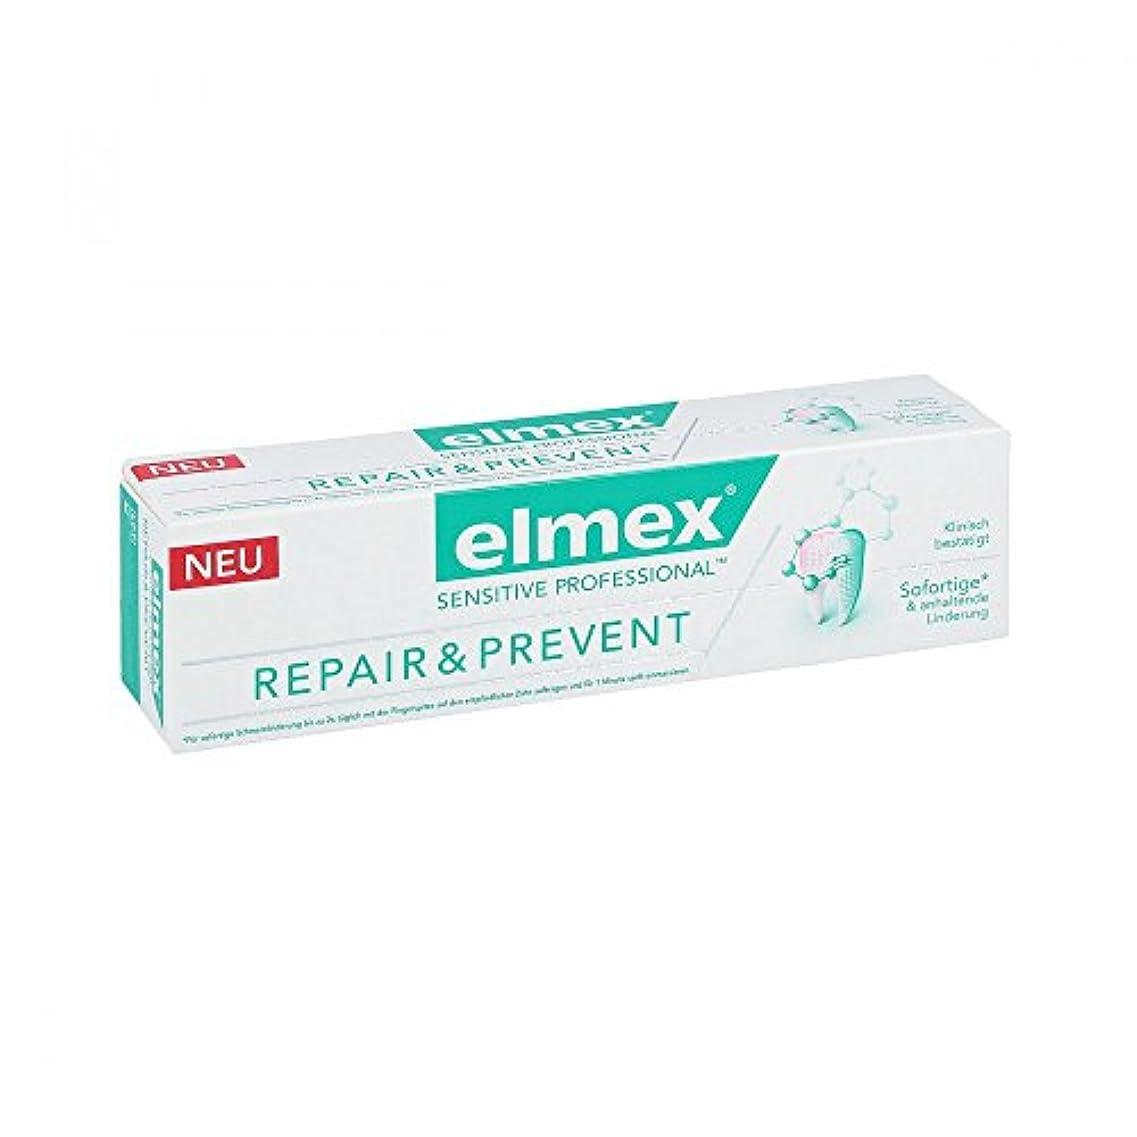 ボックス骨の折れる旧正月3本セット Elmex エルメックス プロ センシティブ 修復 予防 知覚過敏用 歯磨き粉 75ml【並行輸入品】